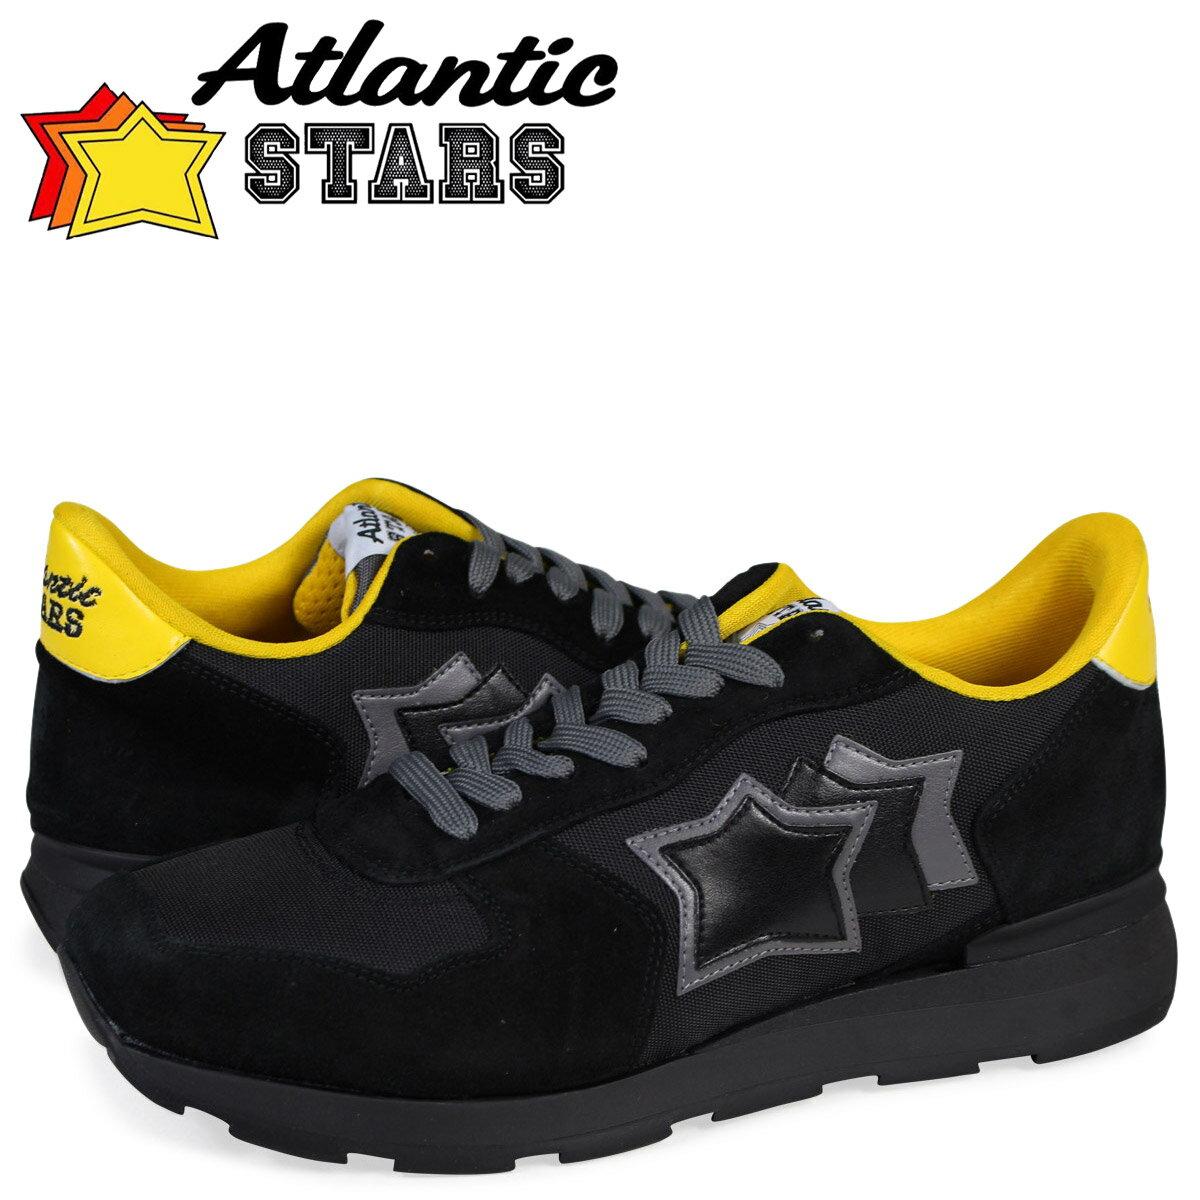 【最大1000円OFFクーポン ポイント最大30倍】 アトランティックスターズ メンズ スニーカー Atlantic STARS アンタレス ANTARES NTG-72N 靴 ブラック